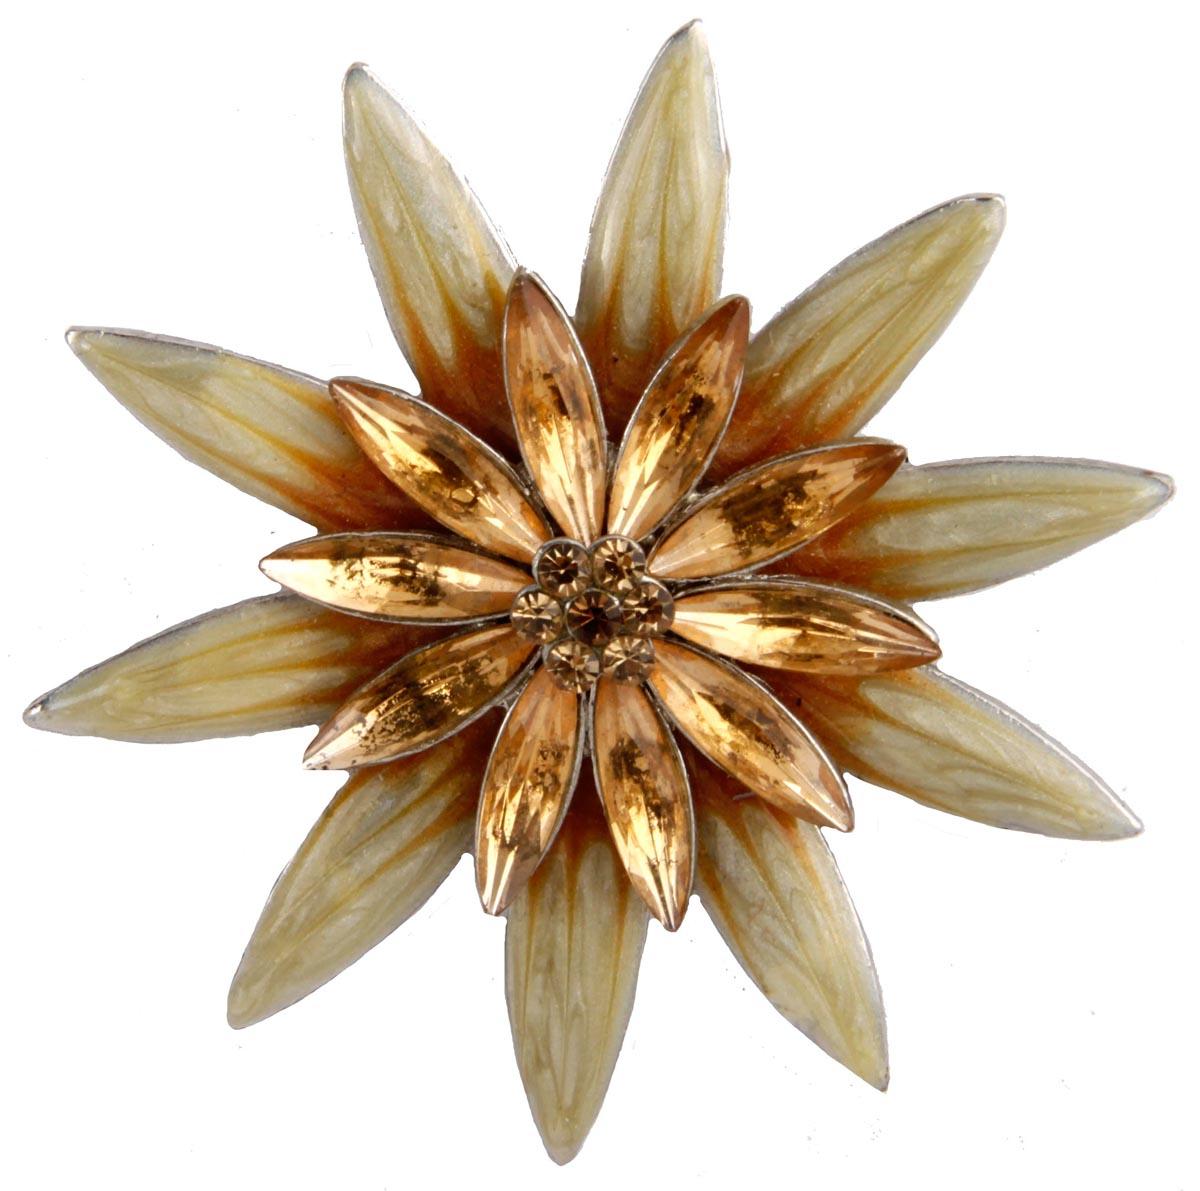 Брошь Цветок. Бижутерный сплав, австрийские кристаллы, полихромные эмали. Конец XX векаОС28010Брошь Цветок. Бижутерный сплав, австрийские кристаллы, полихромные эмали. Конец ХХ века. Размер 6 х 6 см. Сохранность хорошая. Предмет не был в использовании. Брошь выполнена из бижутерного сплава цвета желтого золота. Брошь украшена австрийскими кристаллами, которые переливаются под лучами солнца. Красивое украшение для прекрасных леди